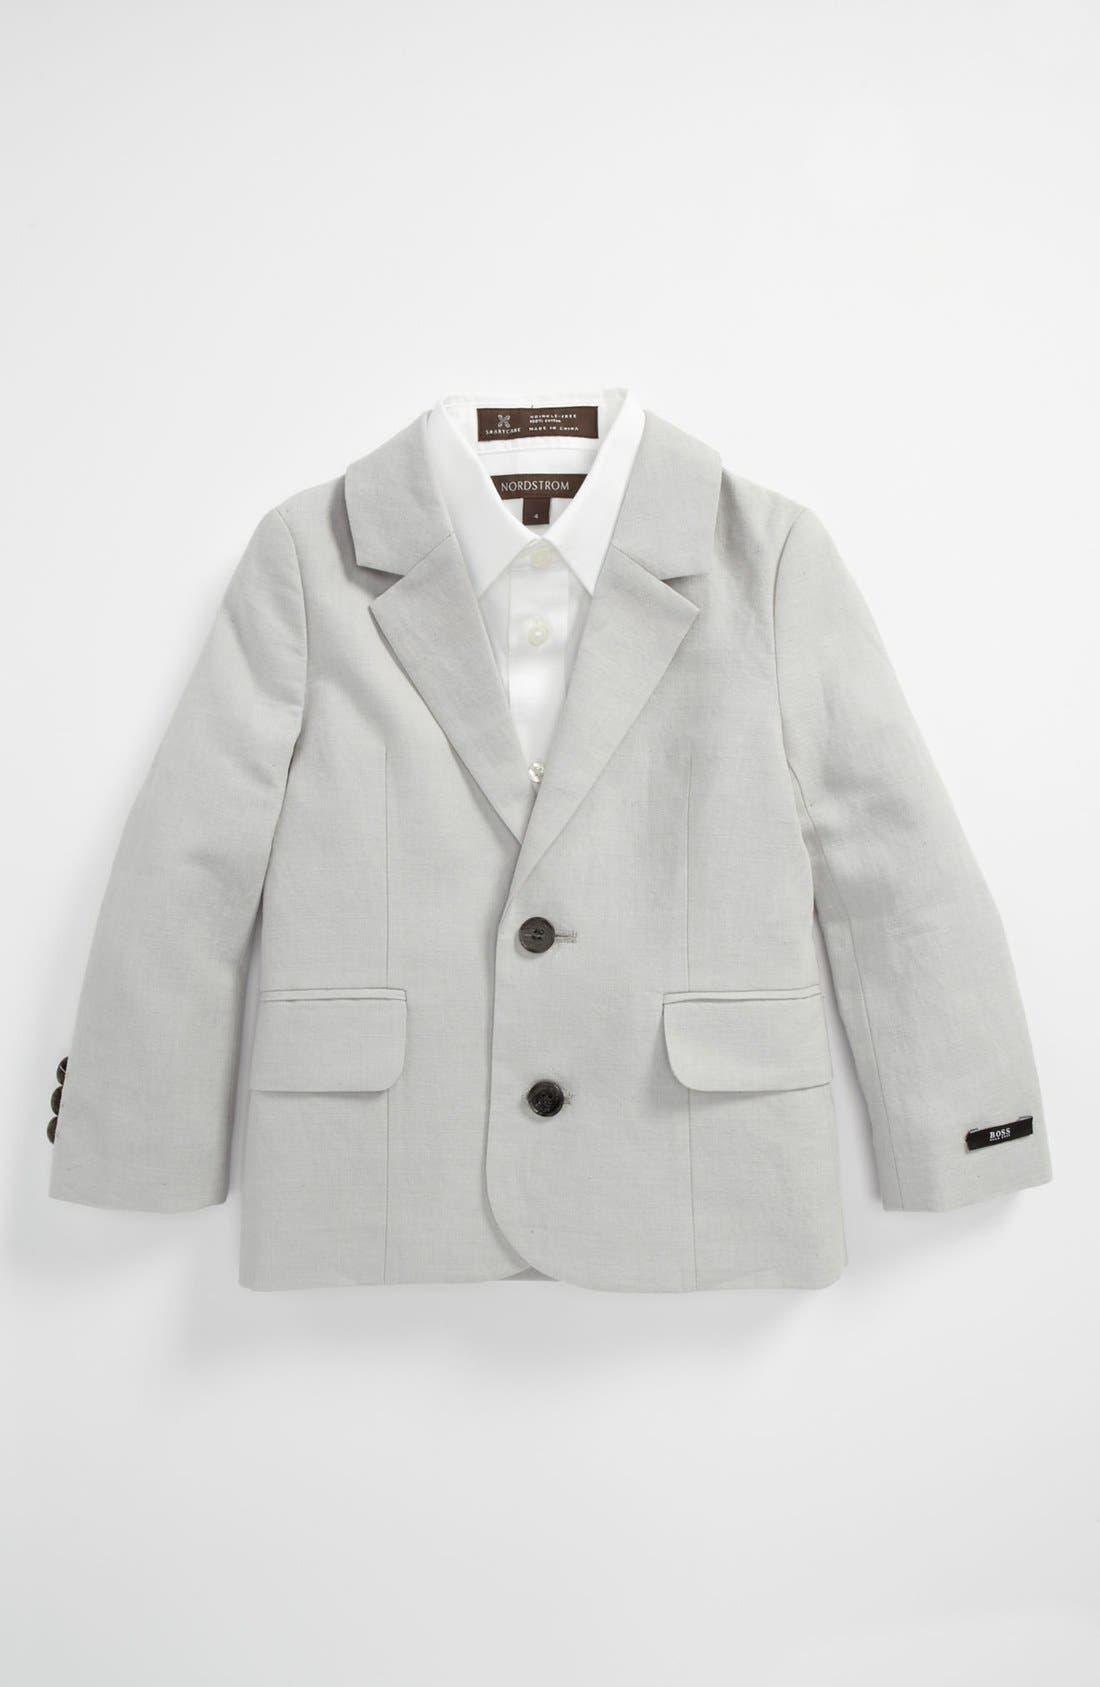 Alternate Image 1 Selected - BOSS Kidswear Linen Blend Blazer (Toddler)